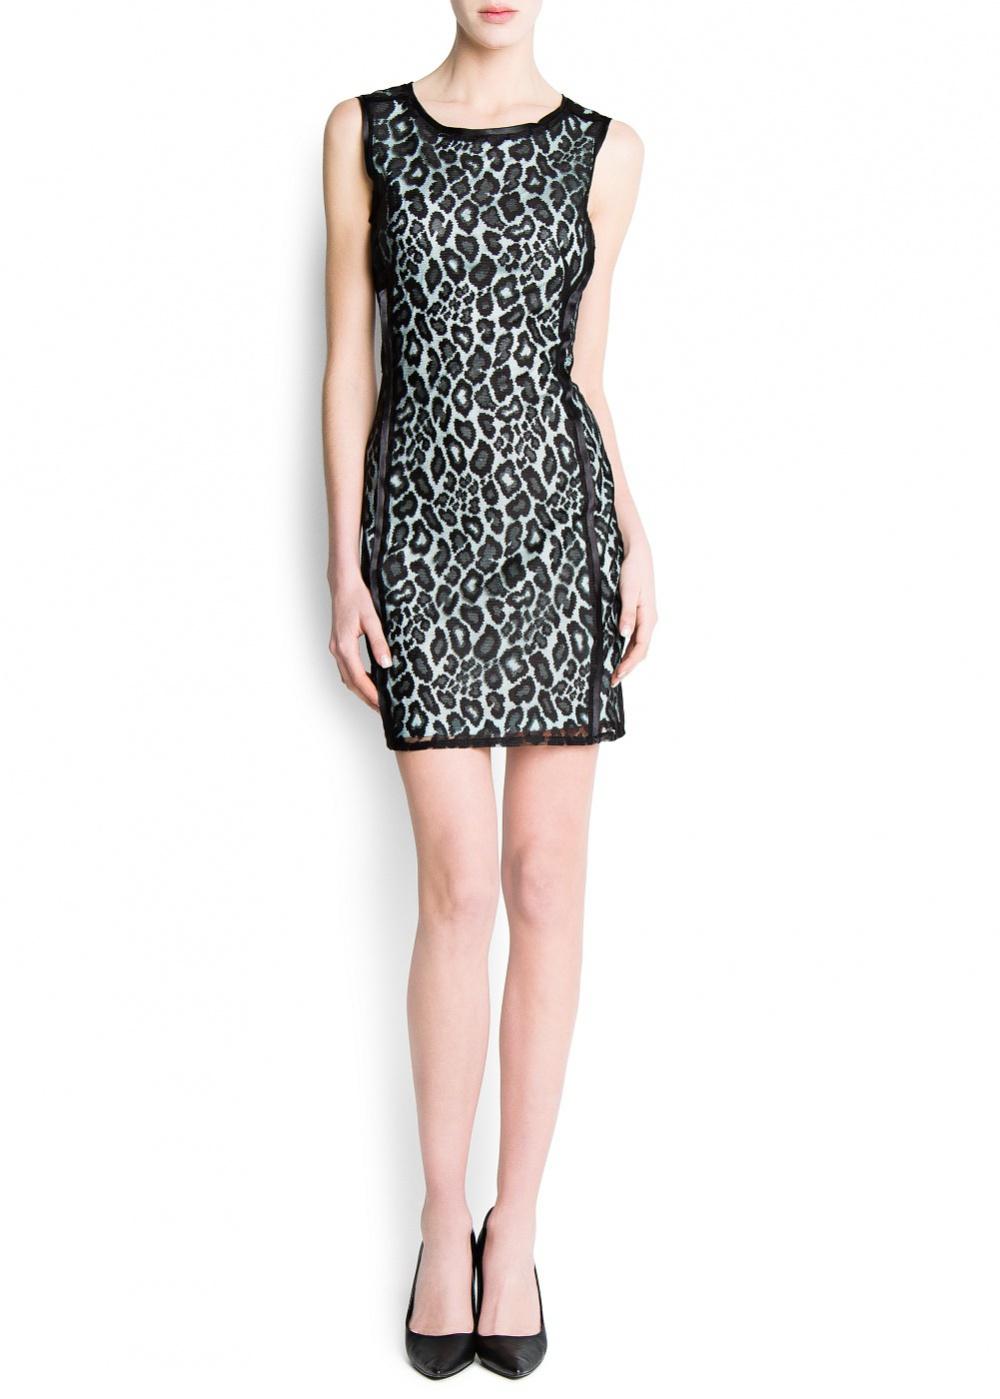 Платье Mango нарядное размера L